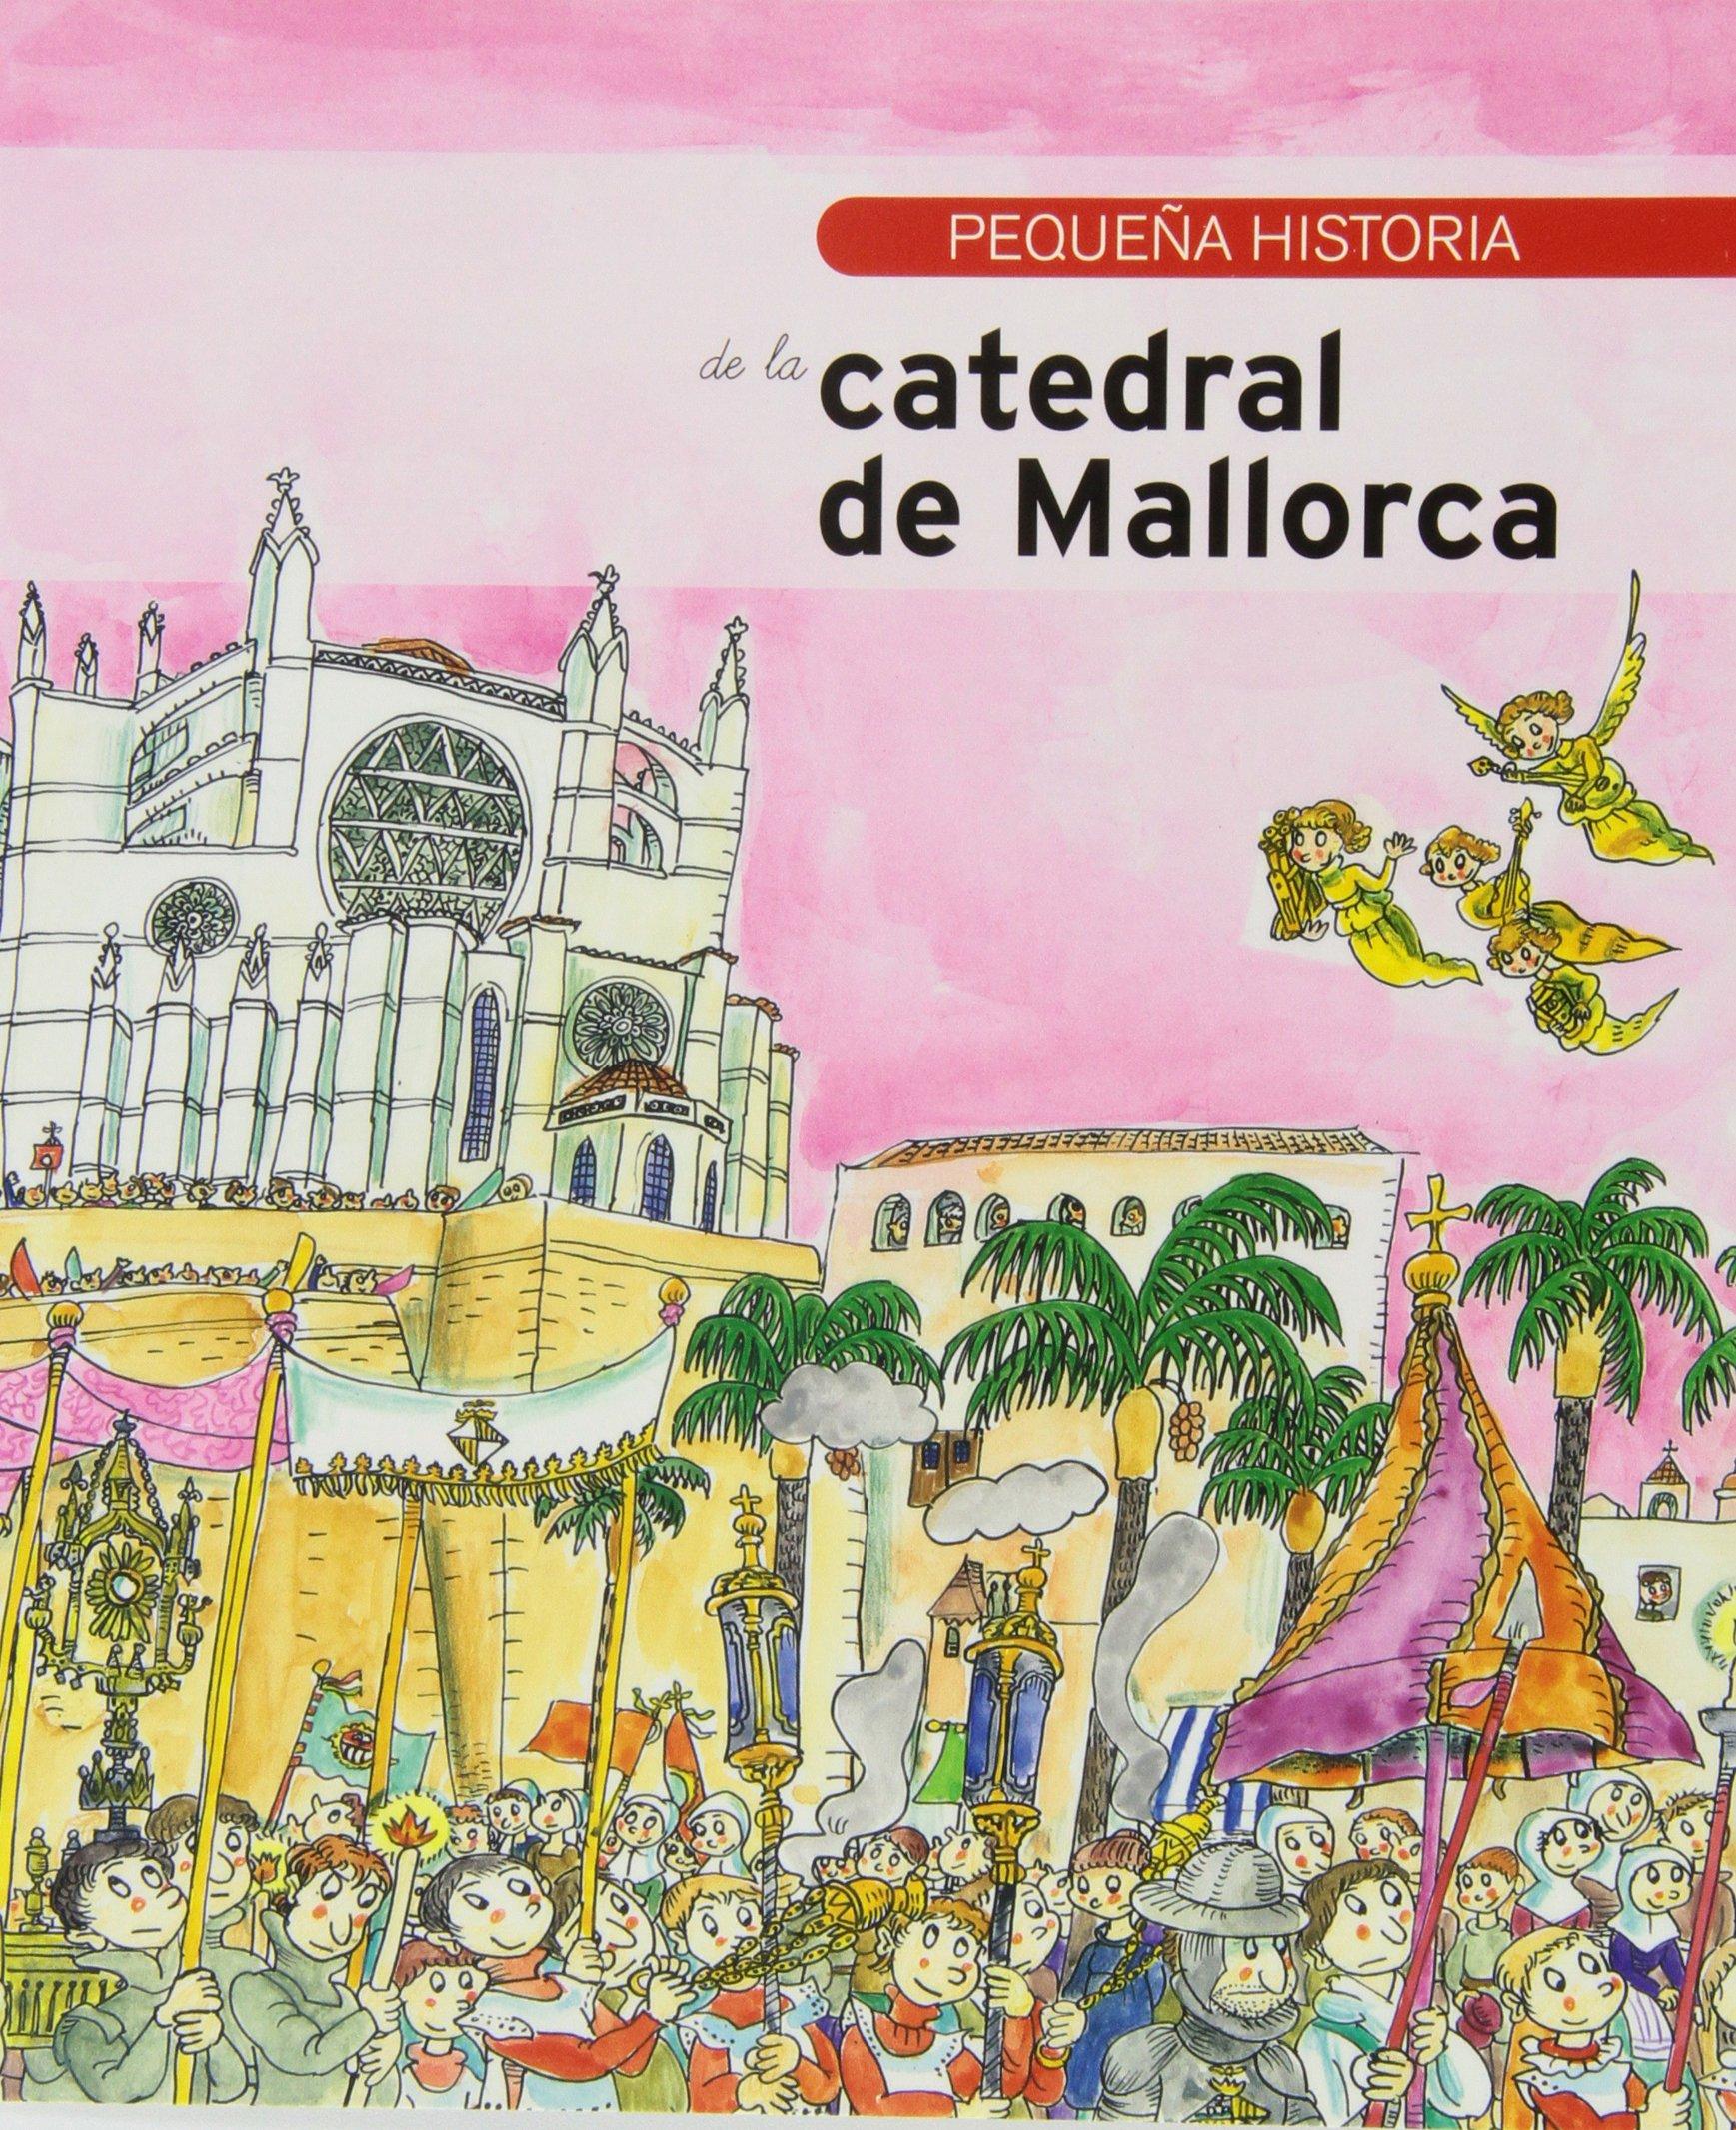 Pequeña historia de la Catedral de Mallorca Pequeñas historias: Amazon.es: Janer Manila, Gabriel, Bayés de Luna, Pilarín, Quilis Sarsanedas, Joan Lluís: Libros